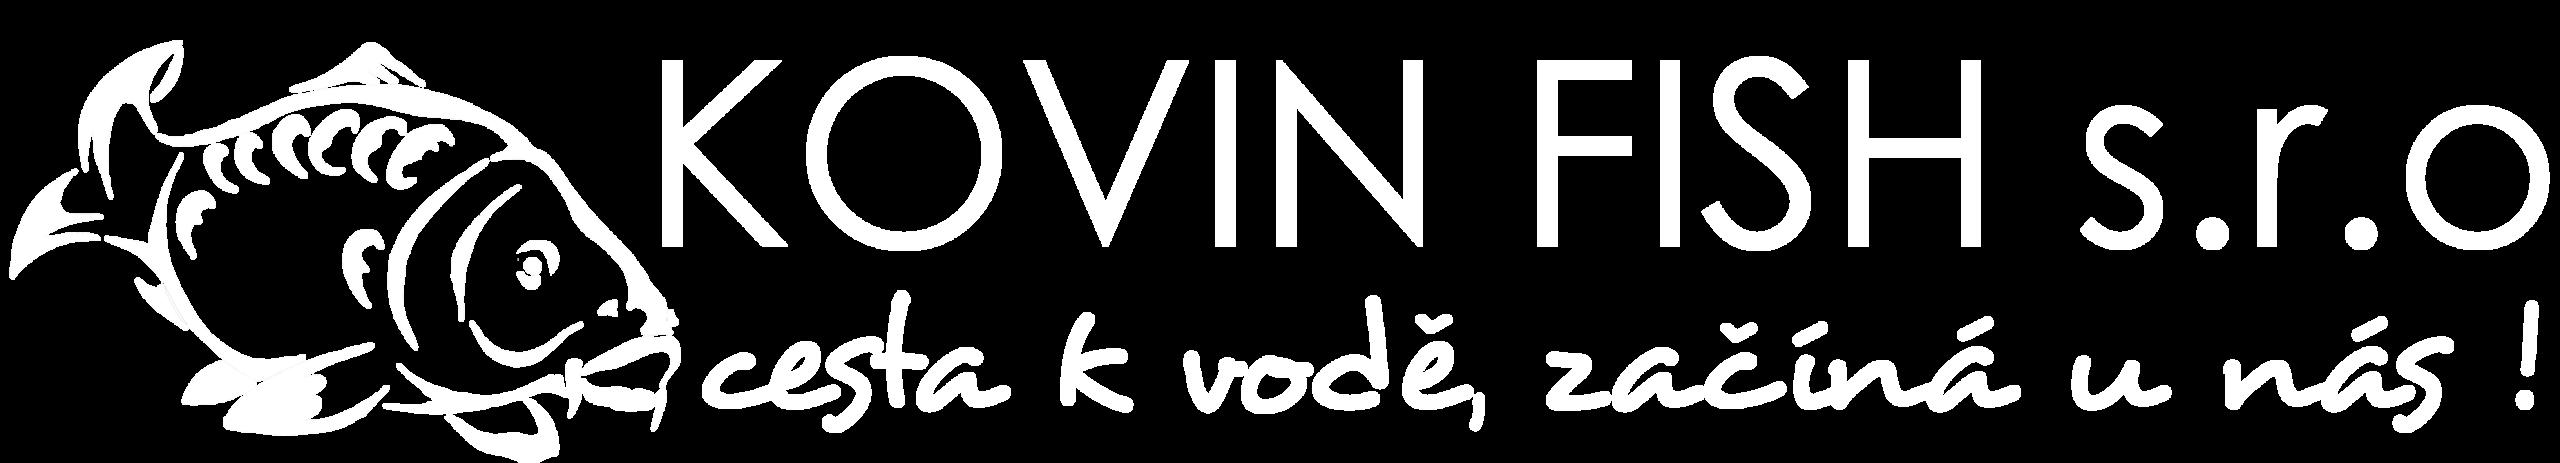 Kovinfish.cz